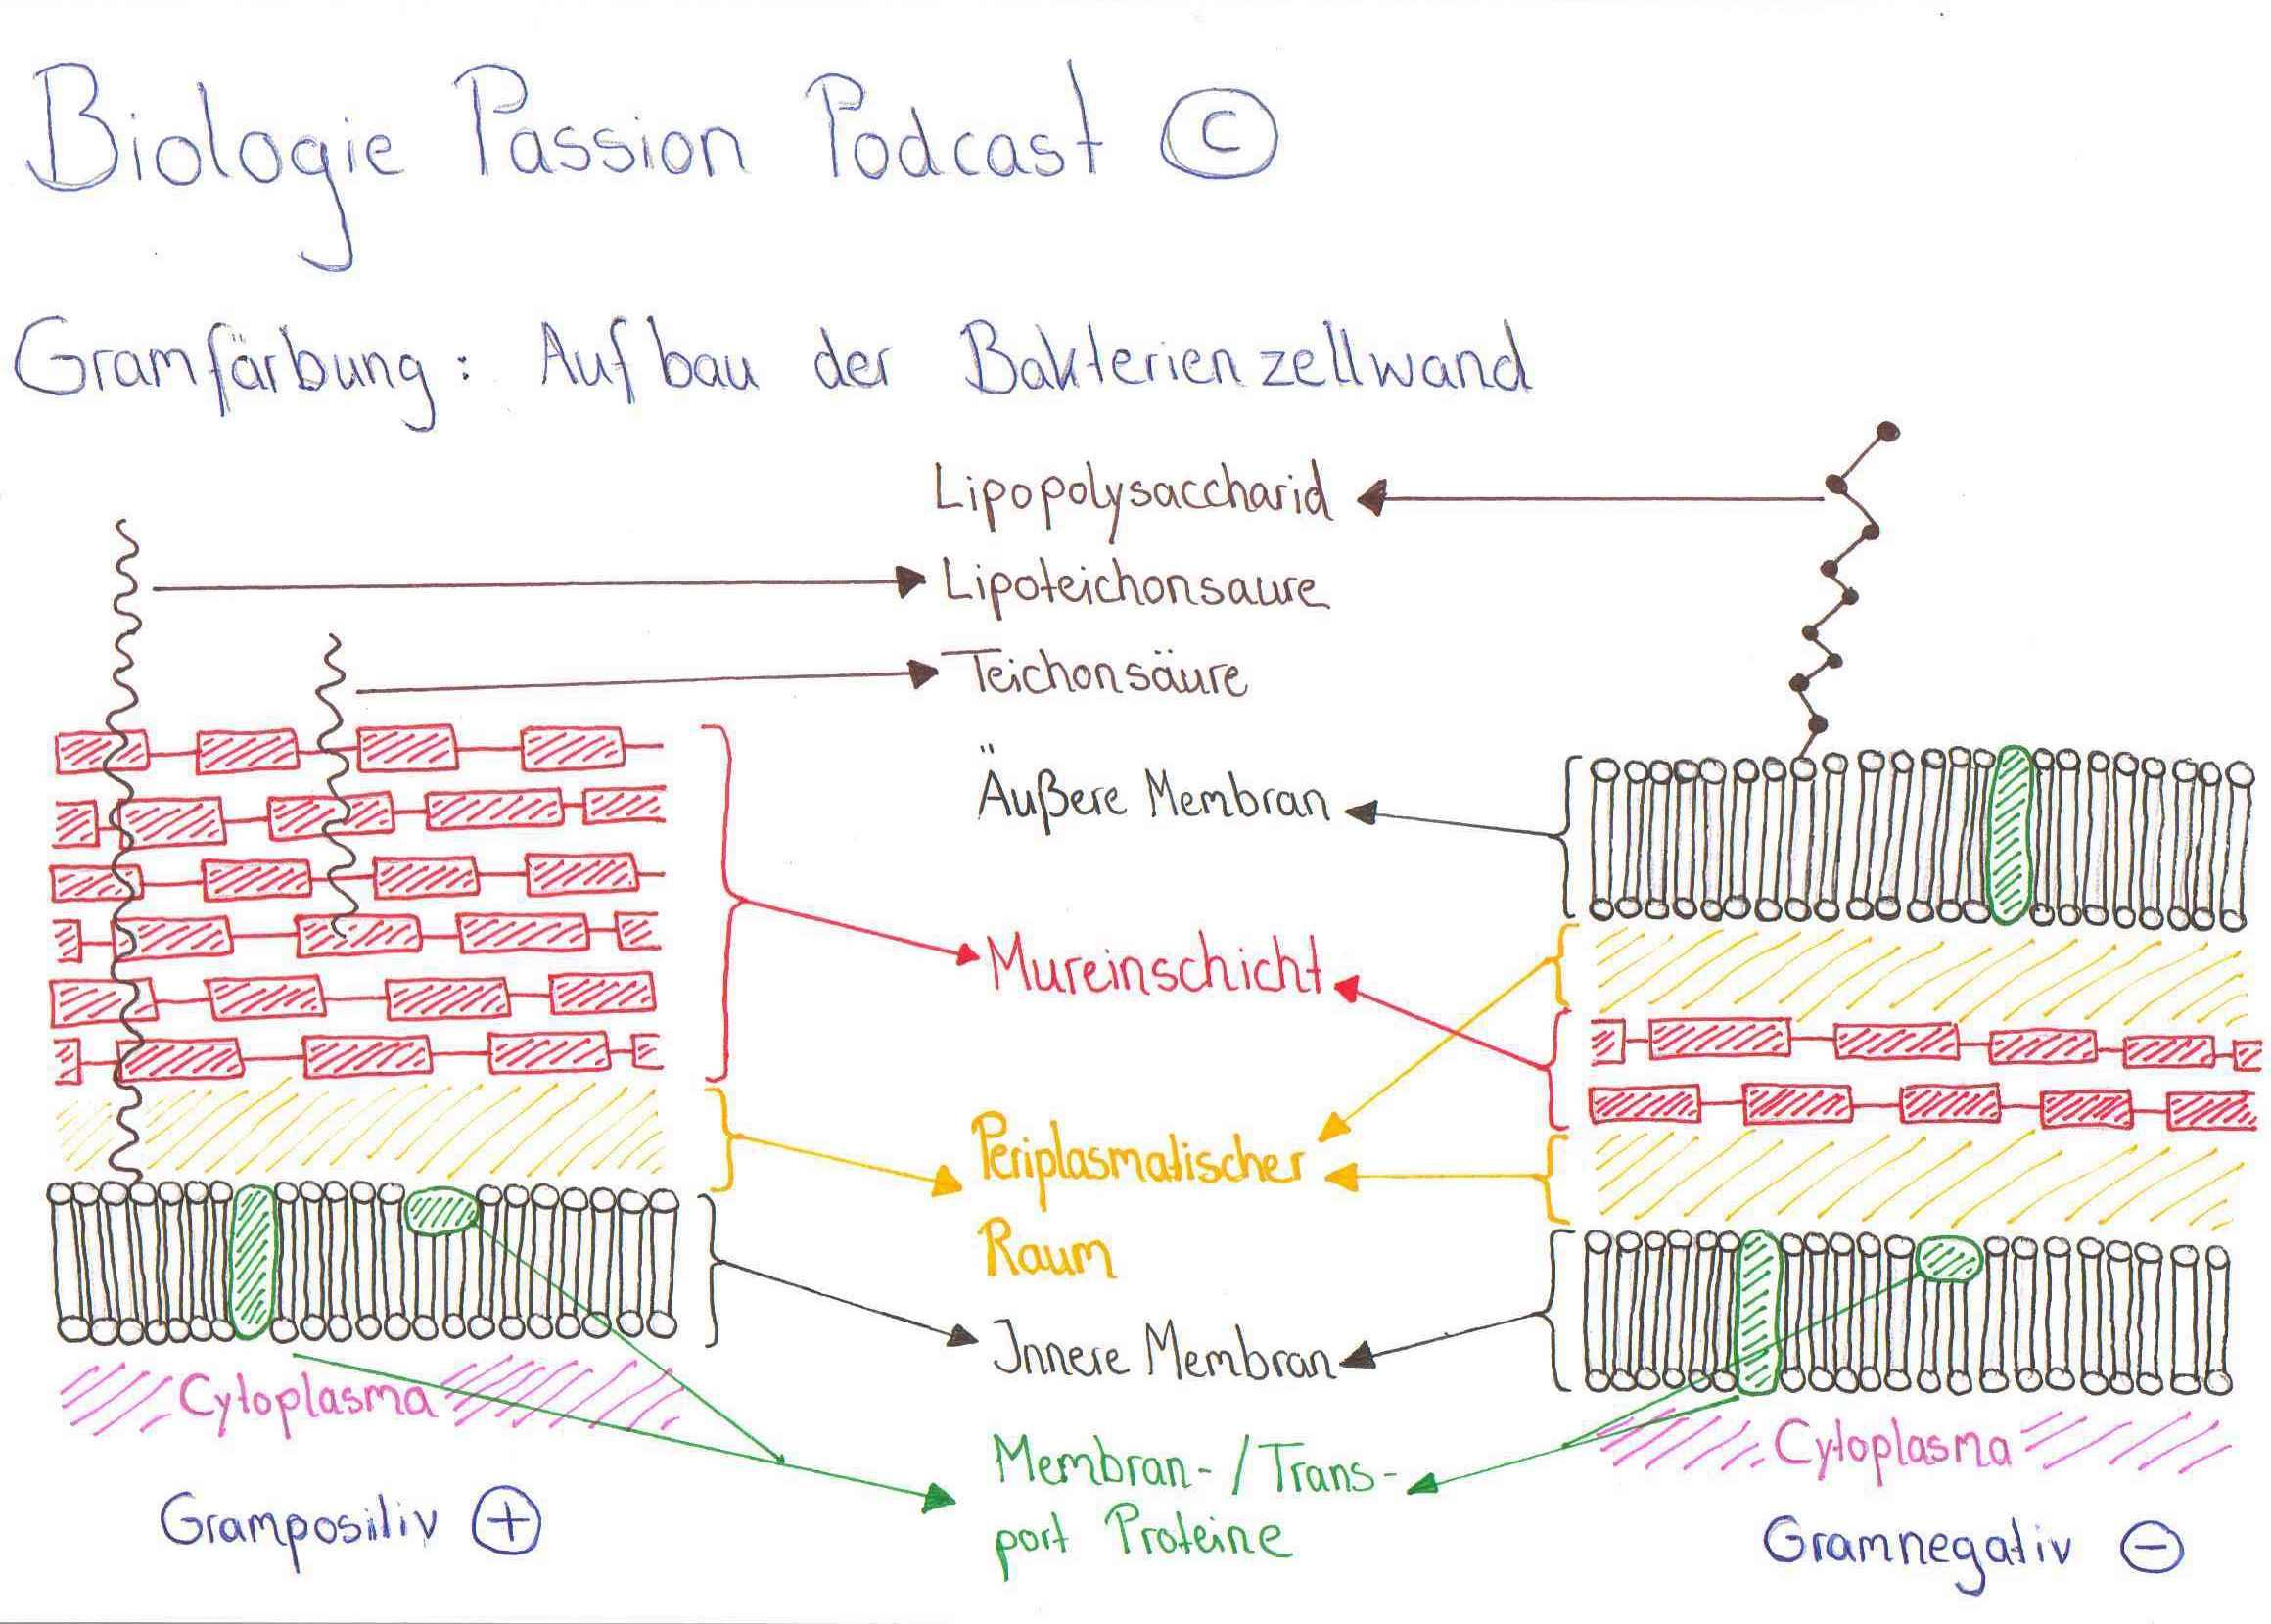 Gramfärbung - Unterschiede im Aufbau der Bakterienzellwand - Biologie Passion Podcast